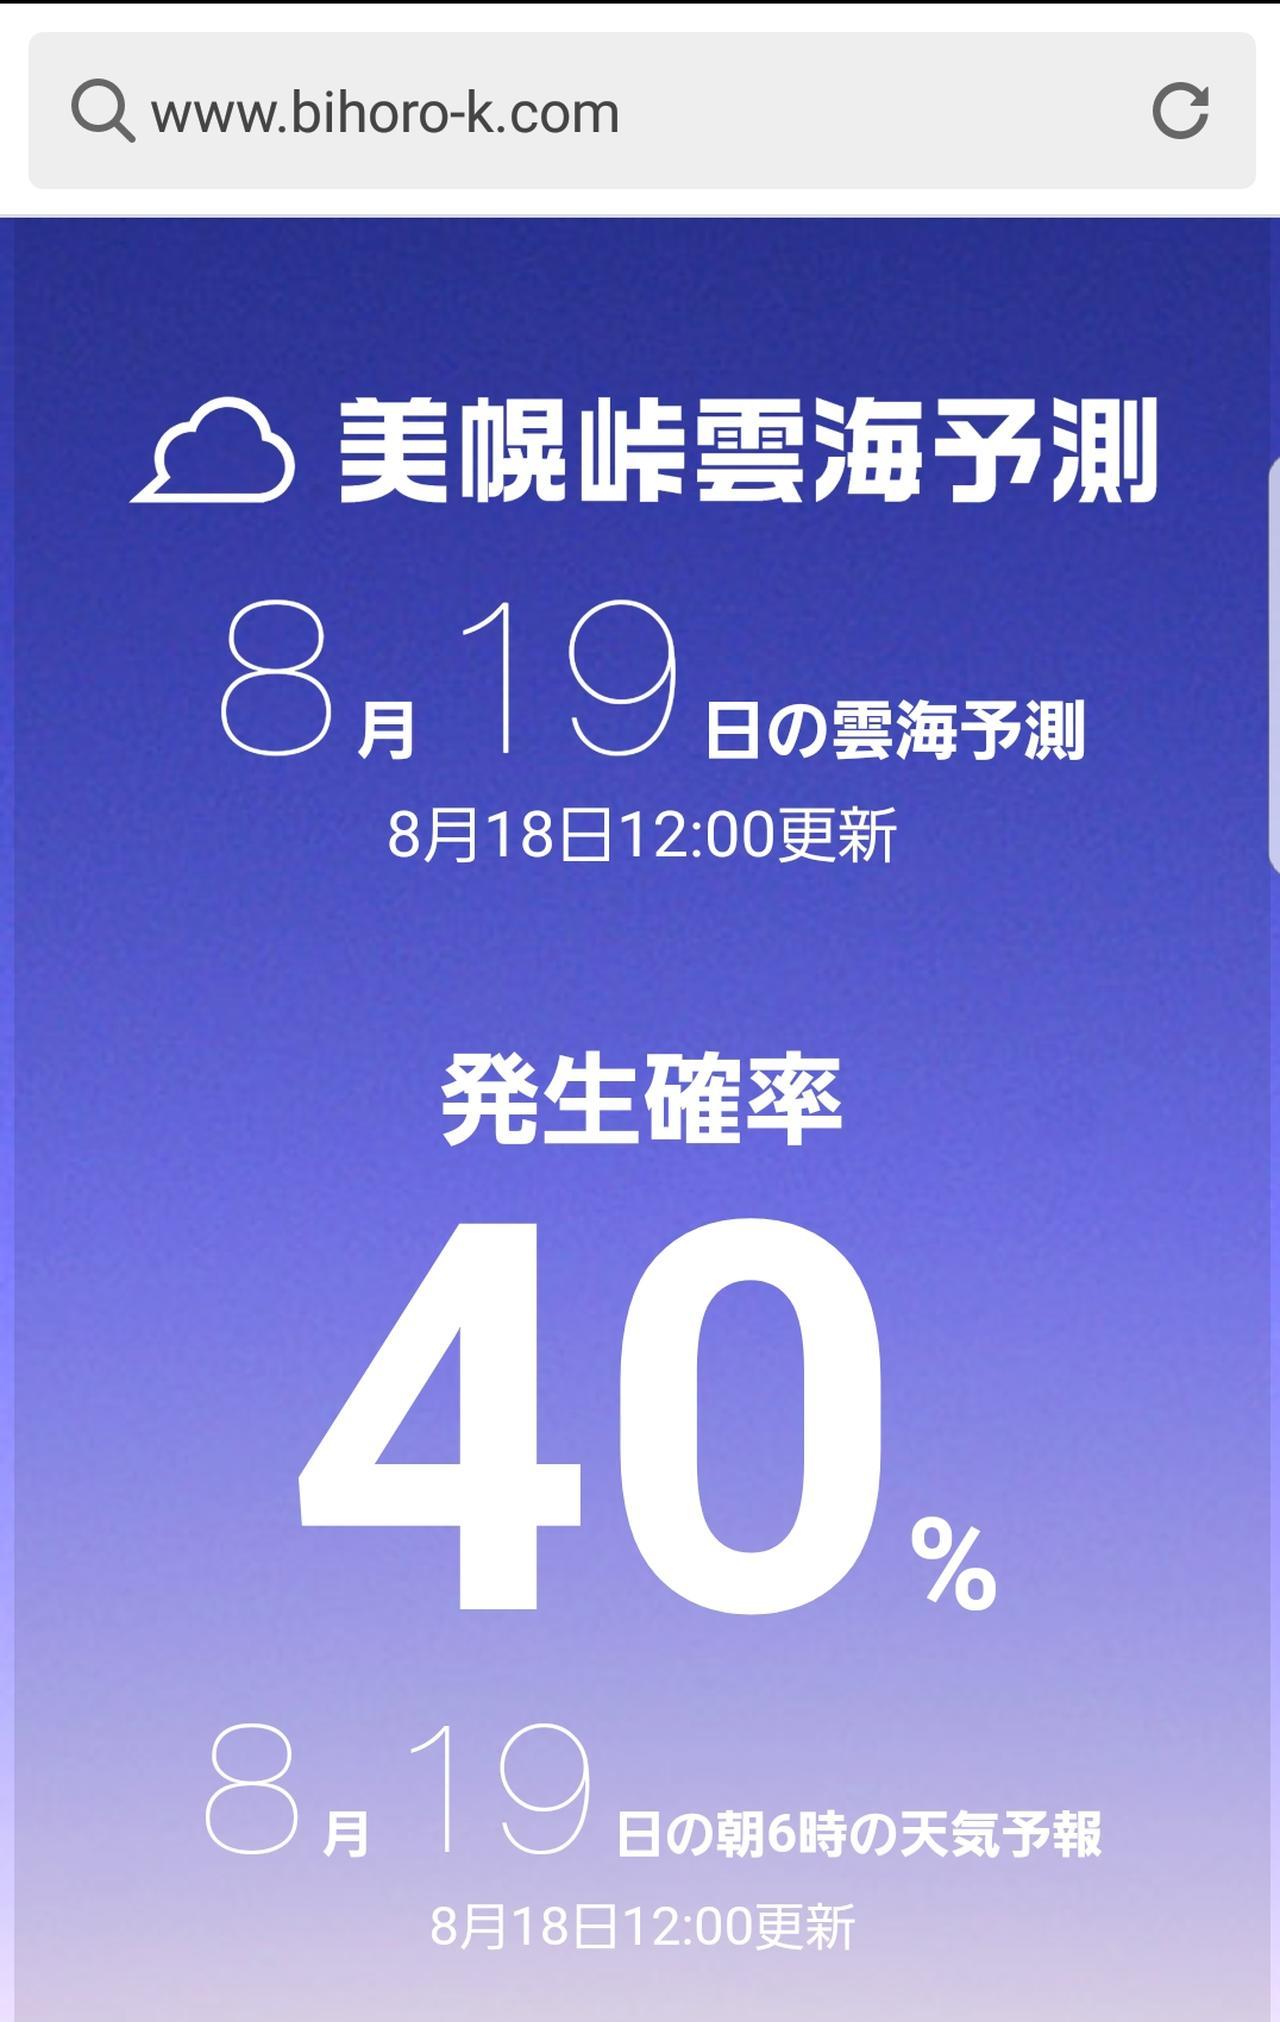 画像: 『美幌観光物産協会 公式ホームページ 美幌峠雲海情報』 http://www.bihoro-k.com/unkai/ 『美幌峠 雲海』でググったらでてきます。